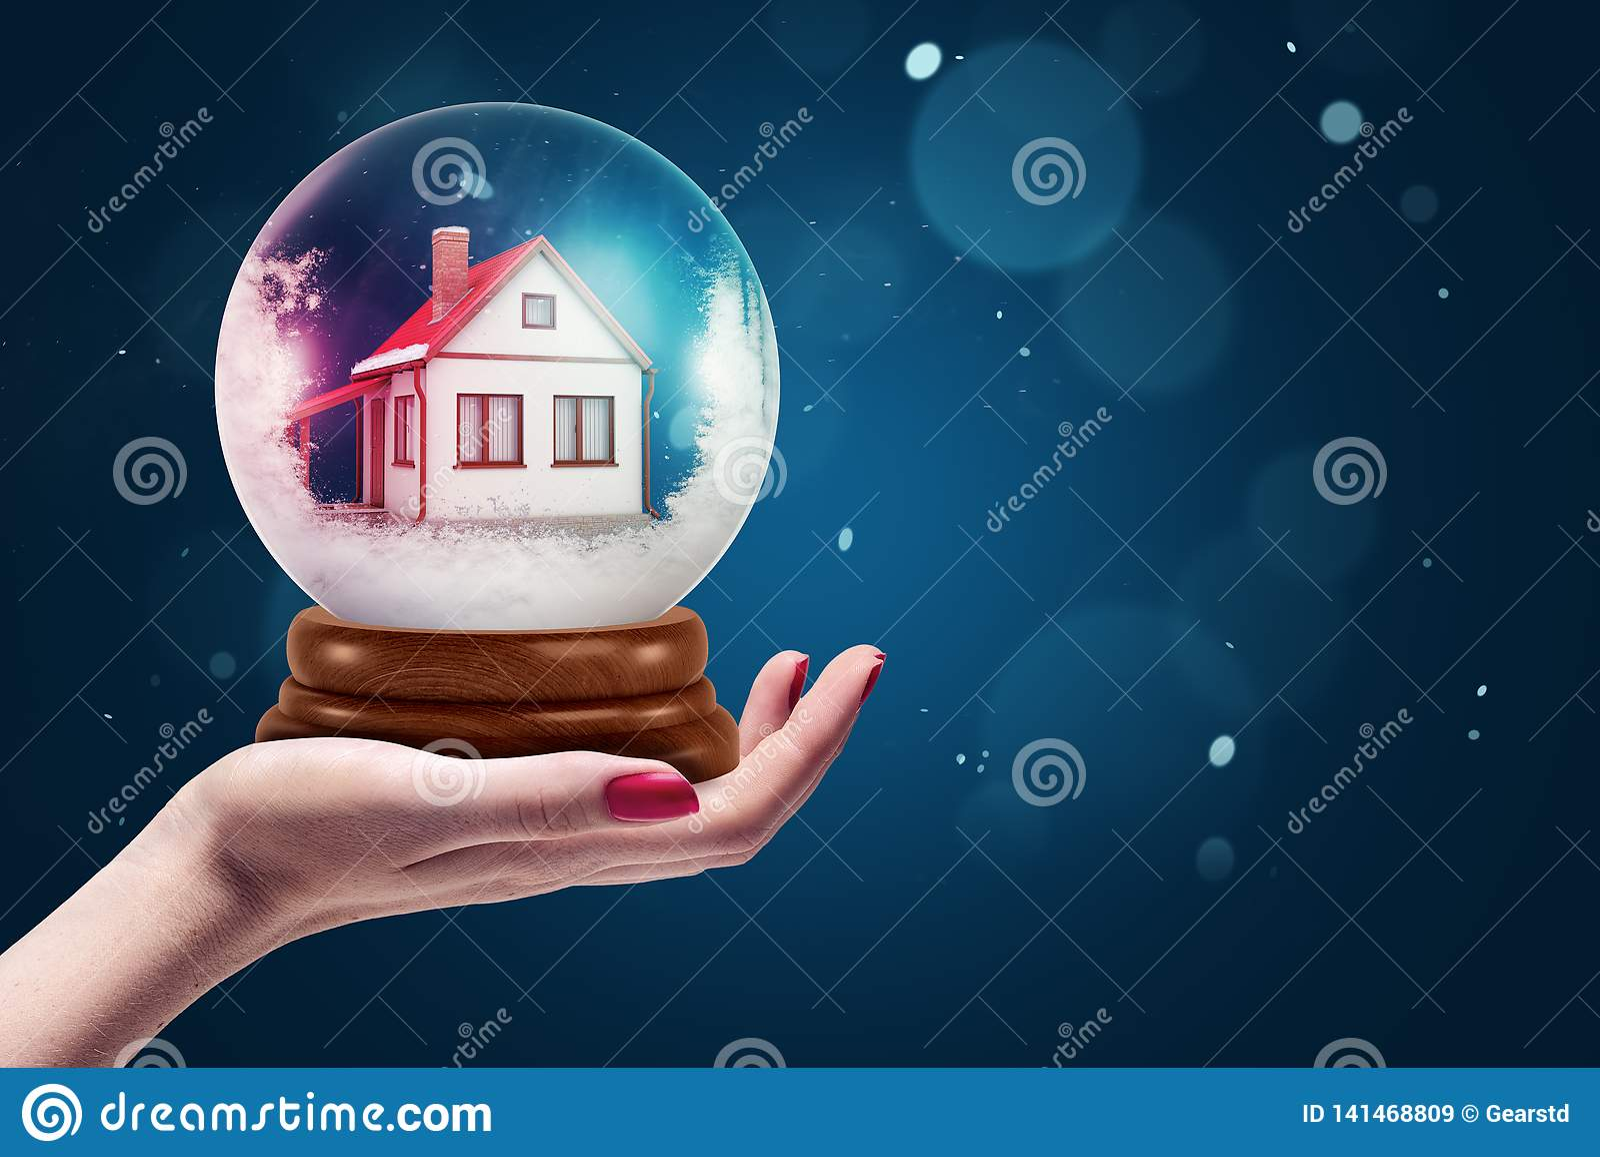 Zijgewassenclose-up die van de hand van het wijfje het tegenhouden van kristallen bol met binnen huis onder ogen zien